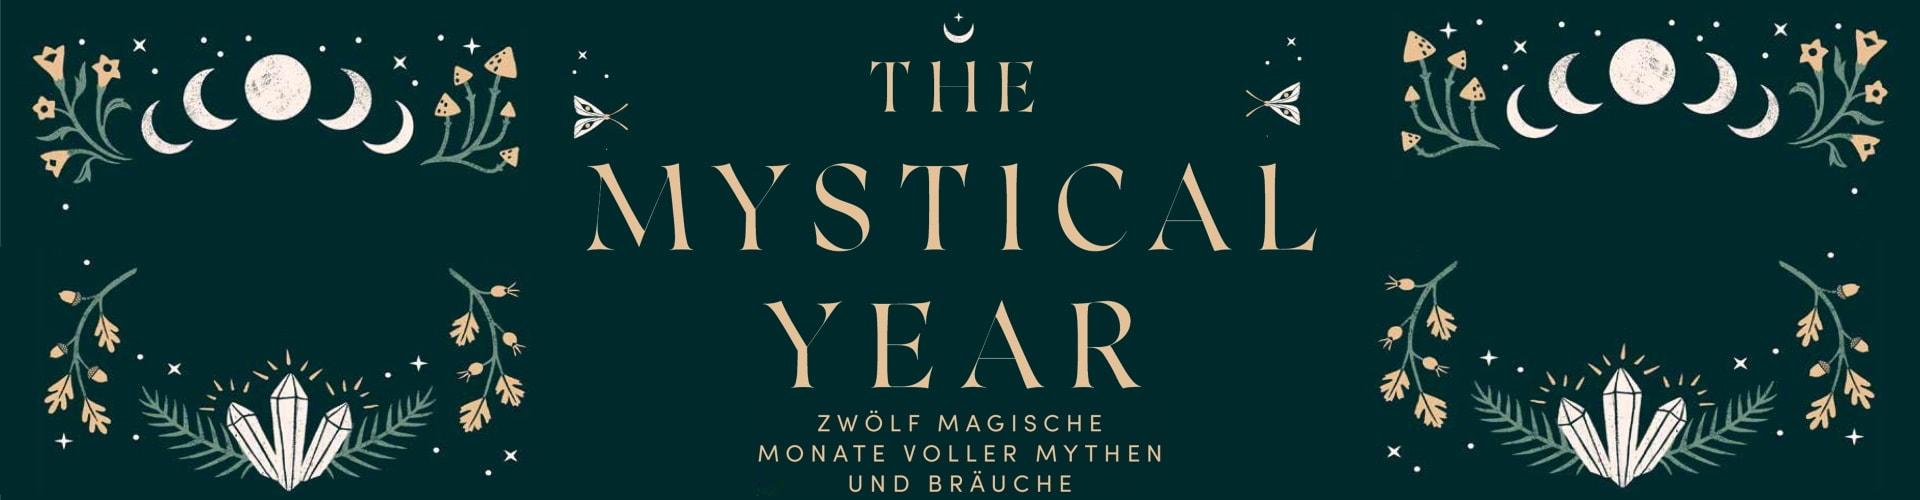 Mystical Year